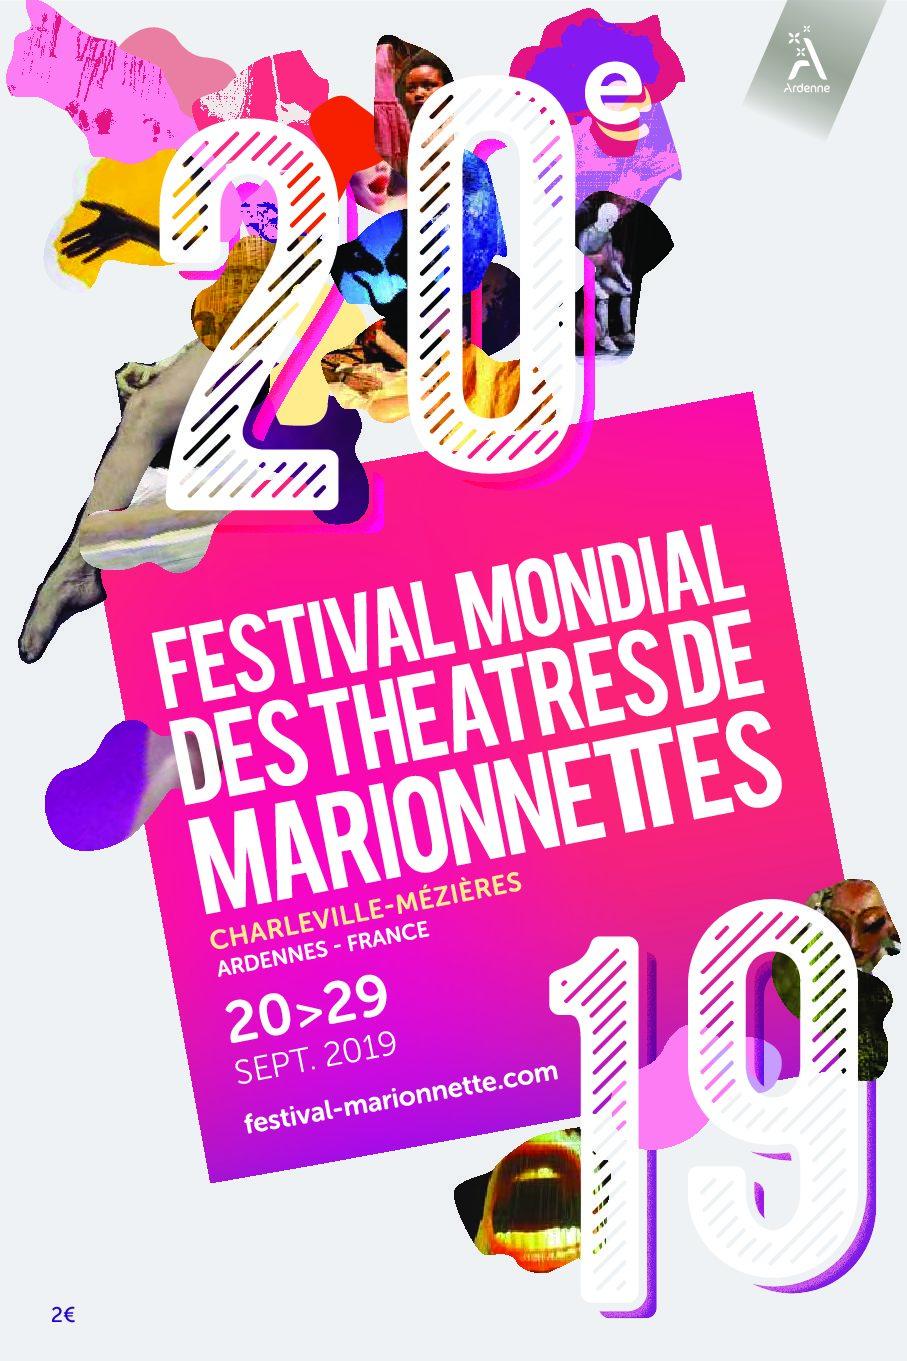 Festival Mondial des Théâtre de Marionnettes 2019 en Charleville-Mézières. 90 aniversario de Unima